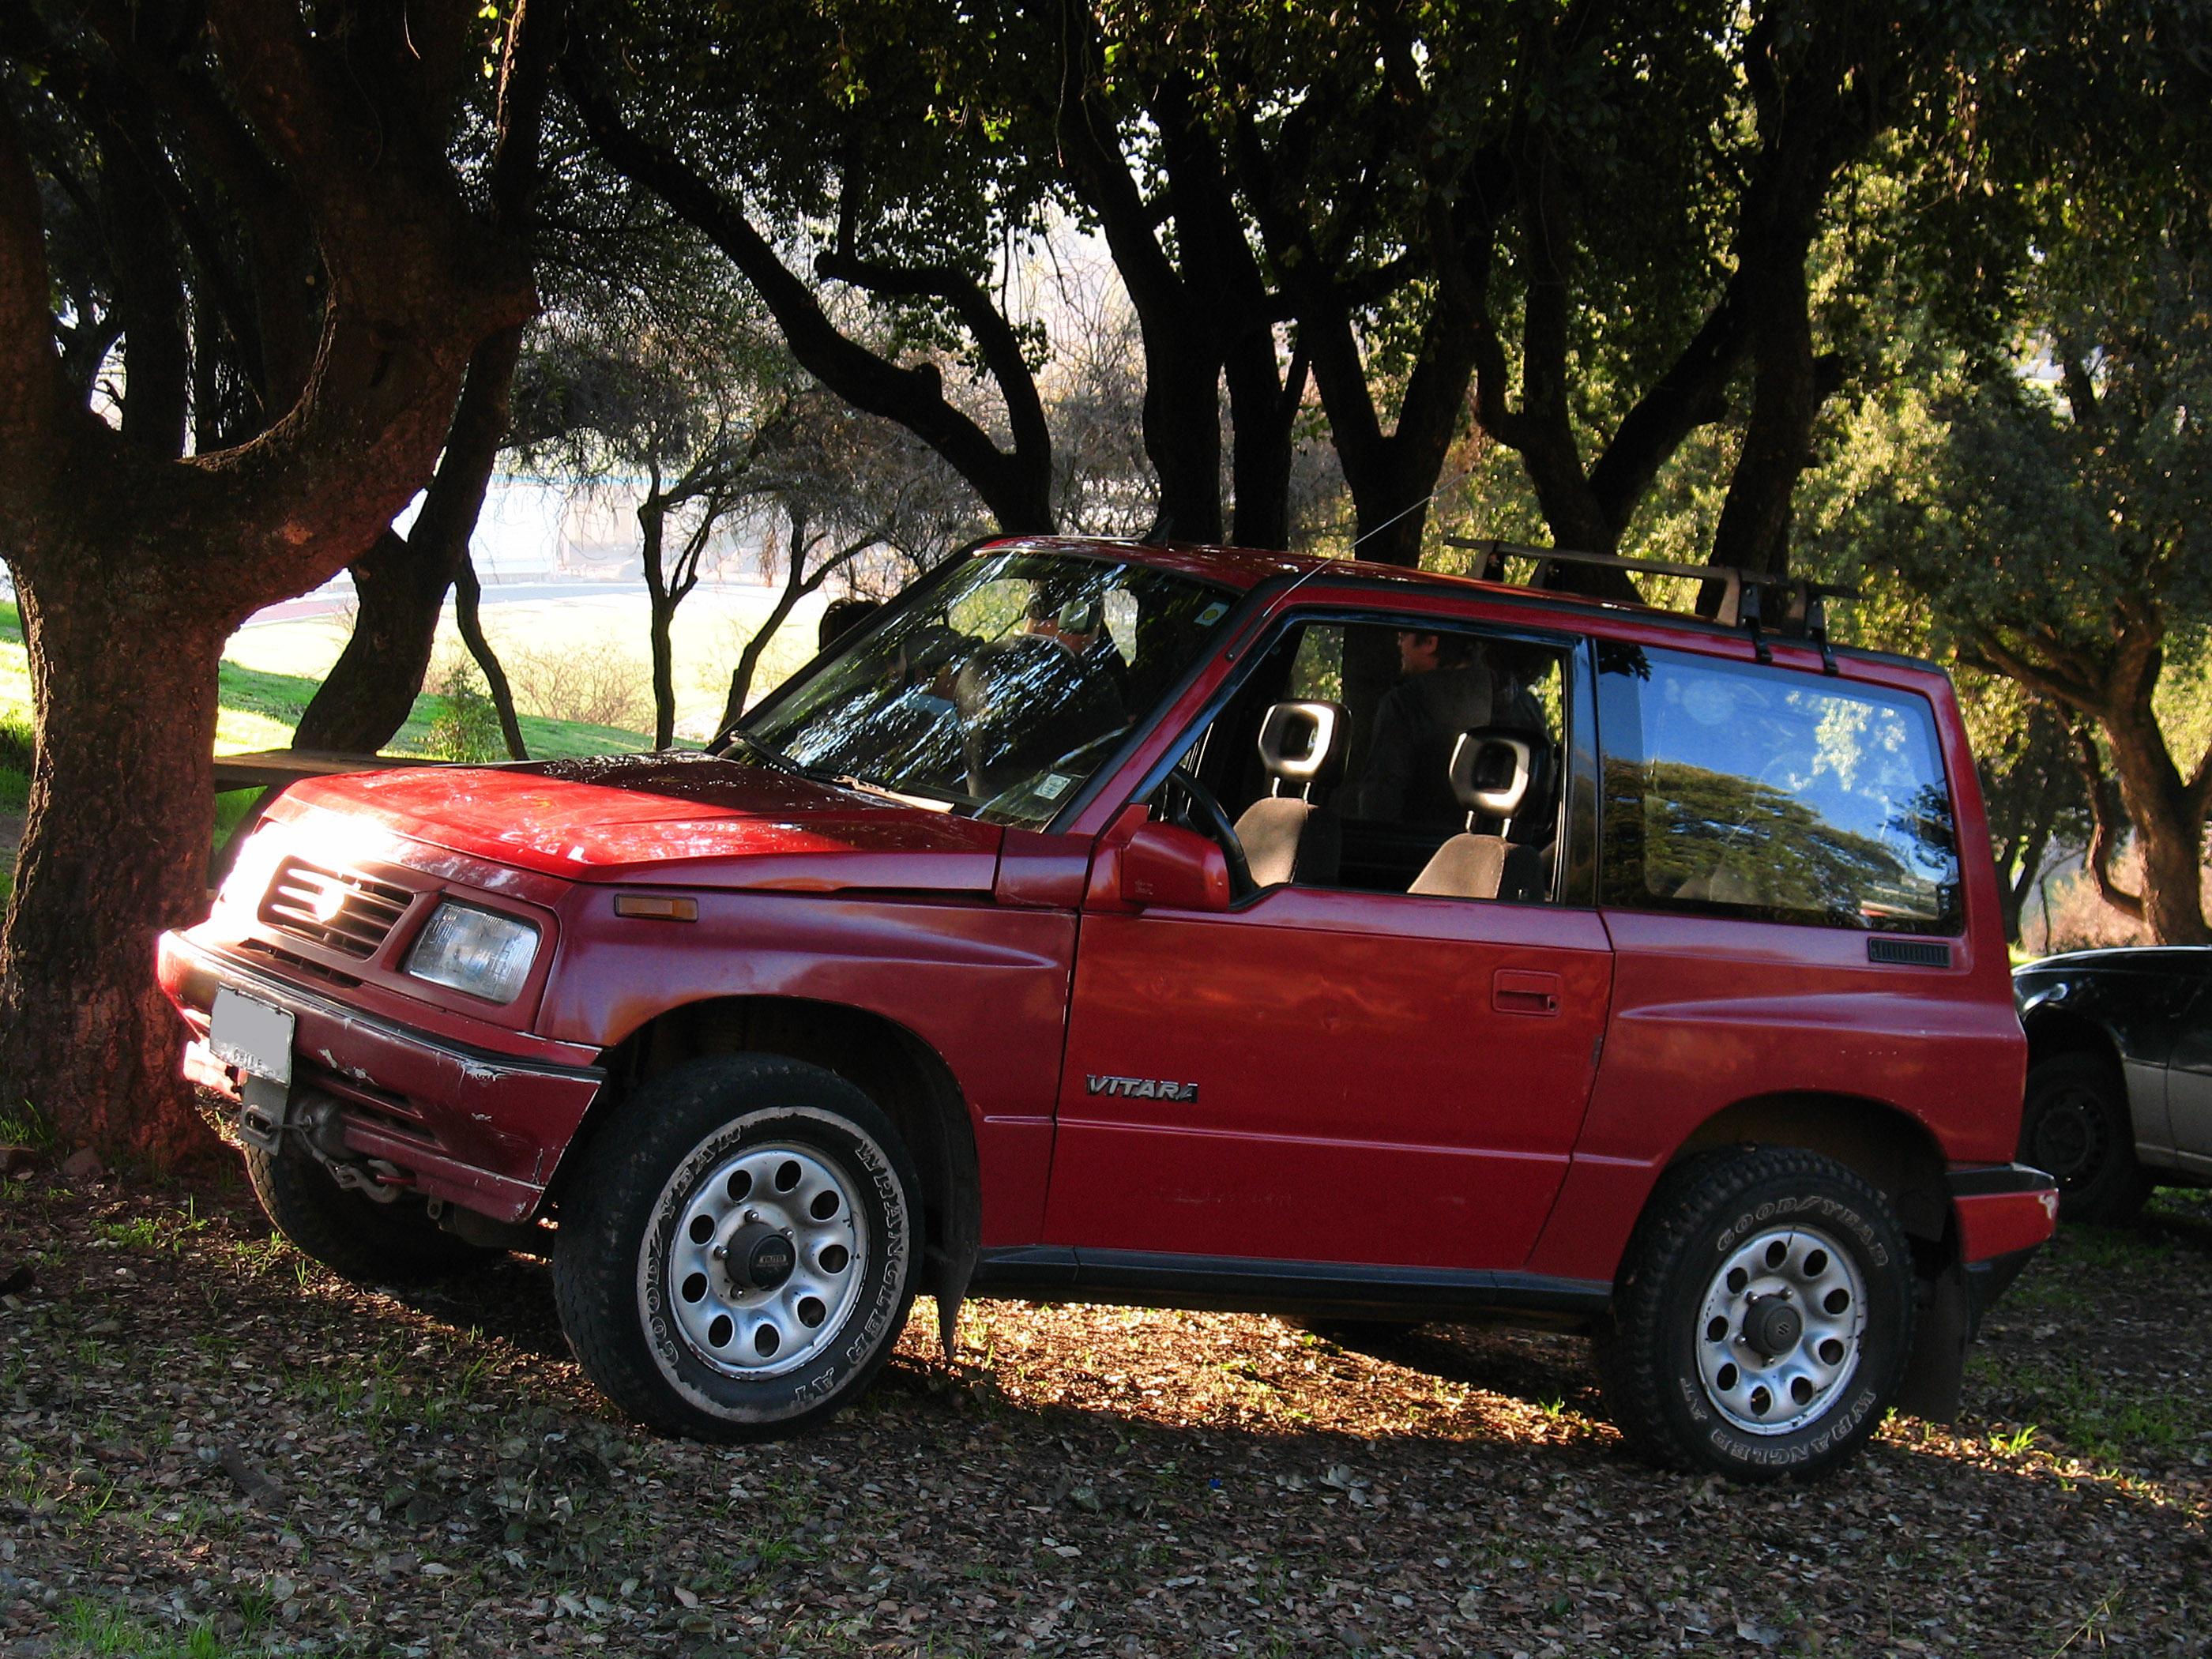 Suzuki Vitara Jlx Soft Top For Sale